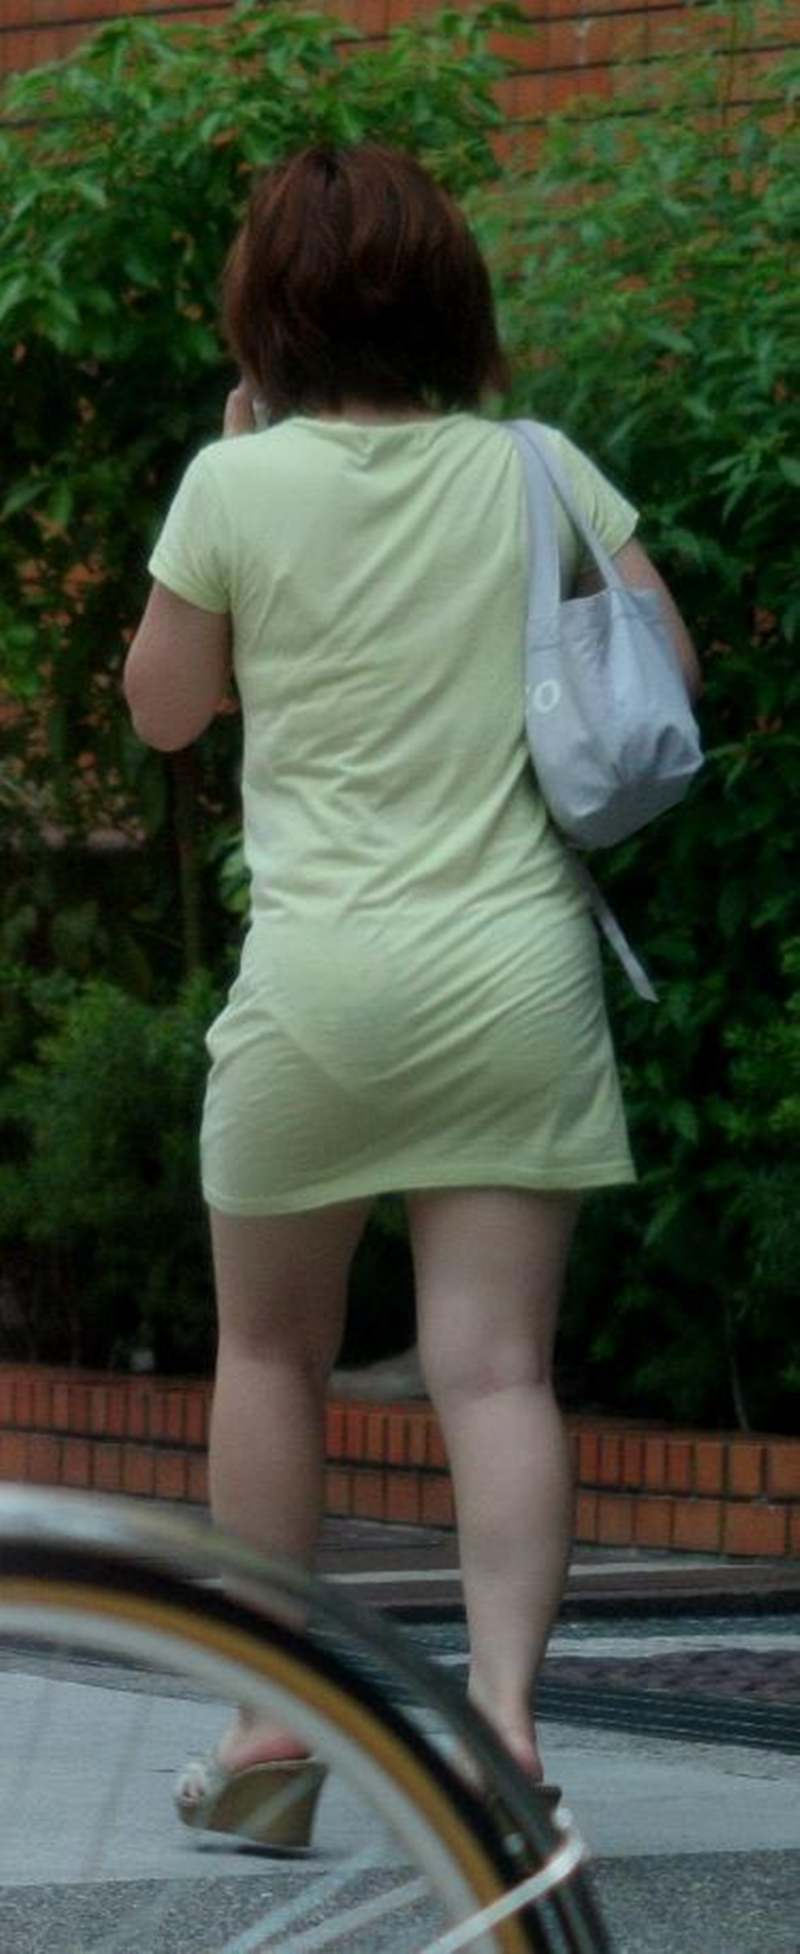 街で女のお尻を直視するのがワイの嗜み!高確率で透けパンツに出会えるぞぉーwww 1150